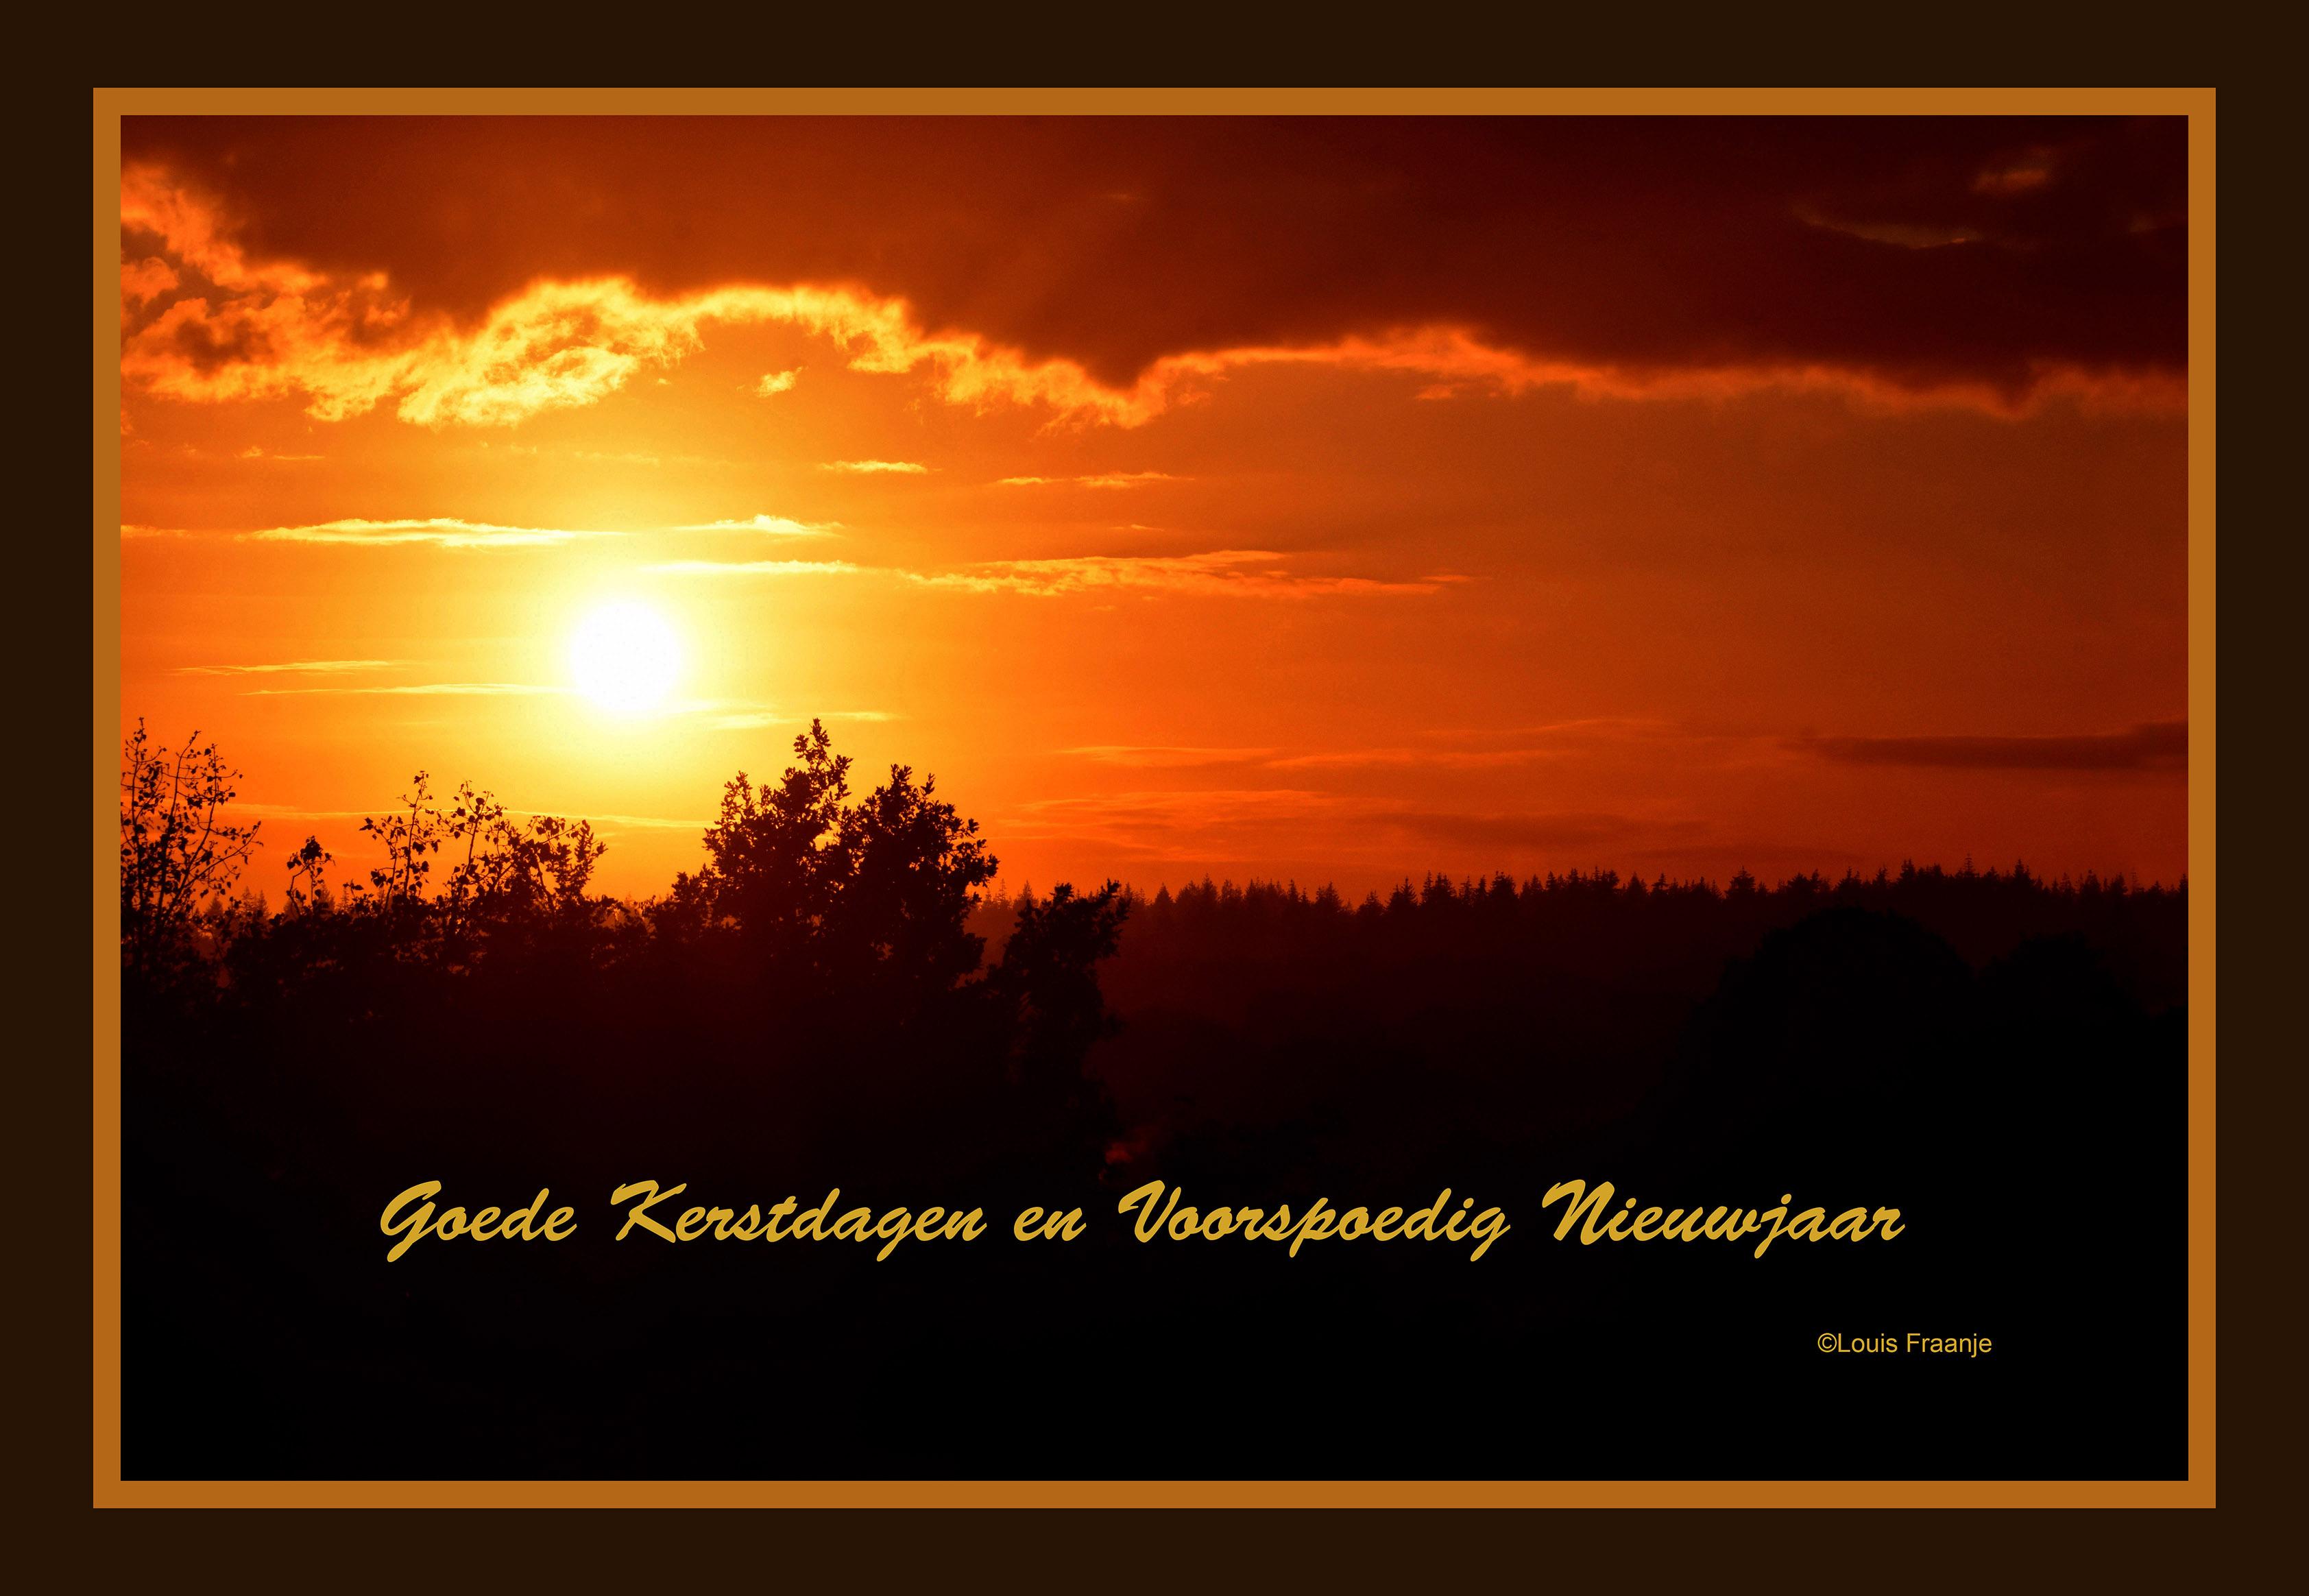 Prachtige zonsopkomst boven de Veluwse bossen - Foto: ©Louis Fraanje